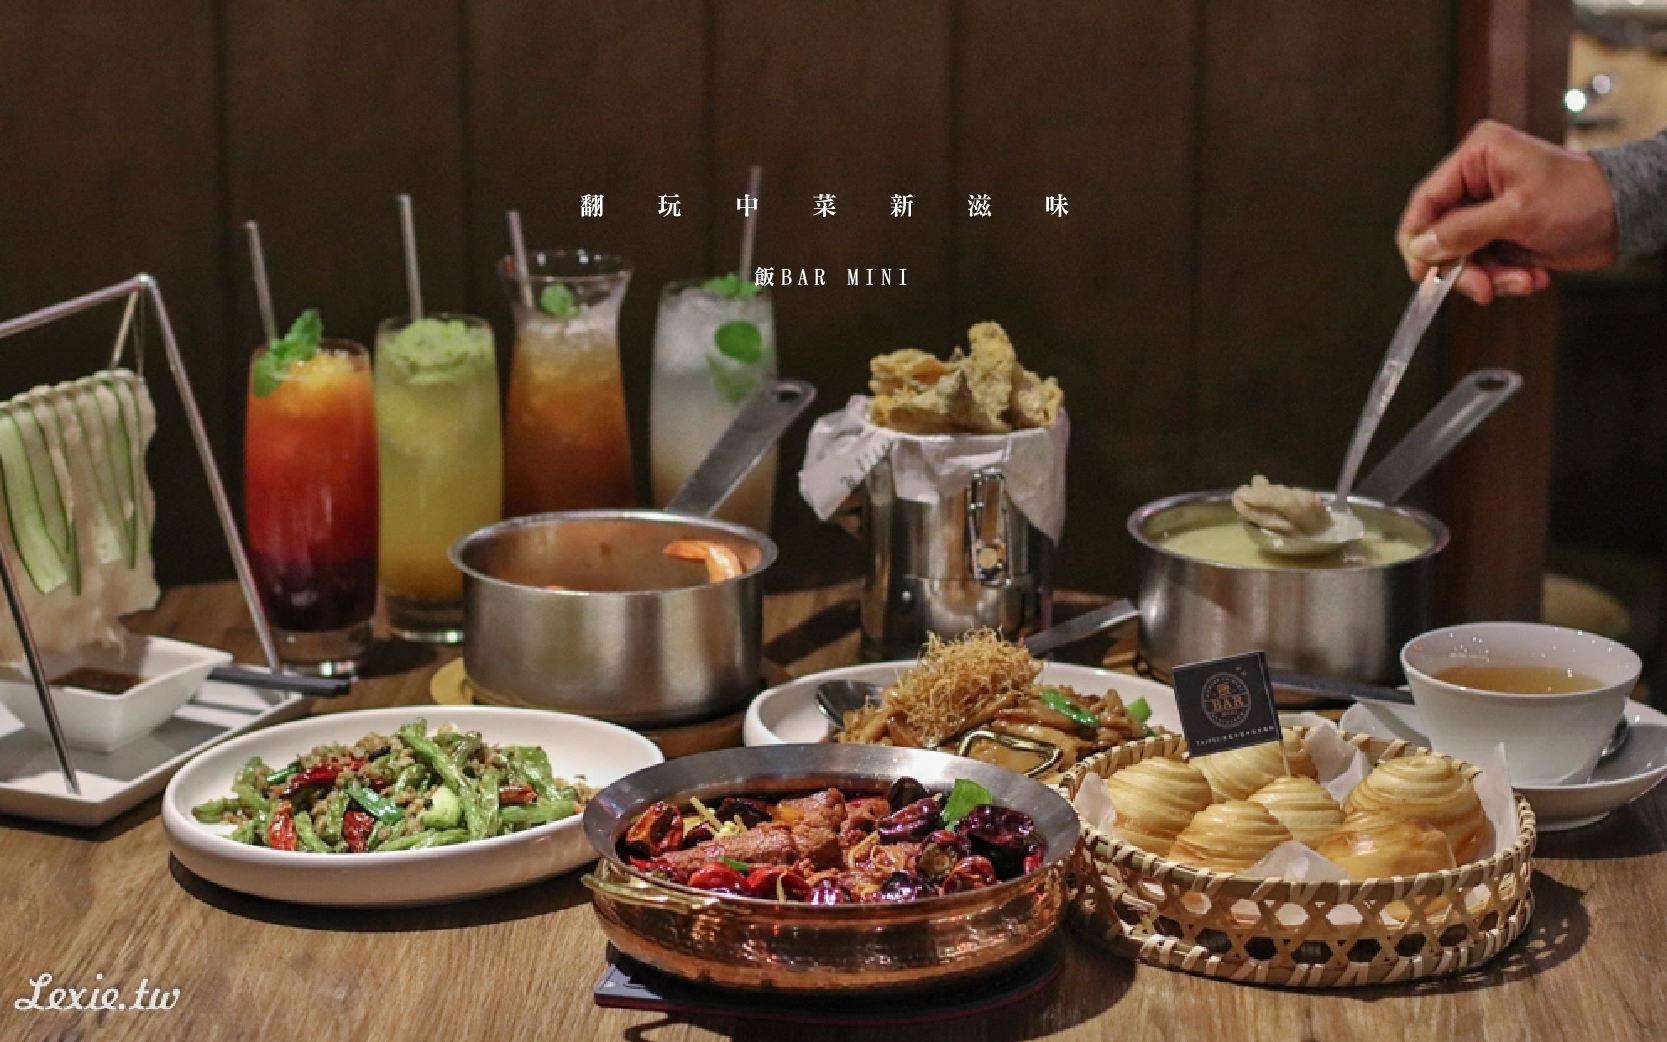 忠孝復興聚餐餐廳|飯BAR MINI中菜也能很時尚,創意翻玩新滋味,東區美食推薦(包廂)